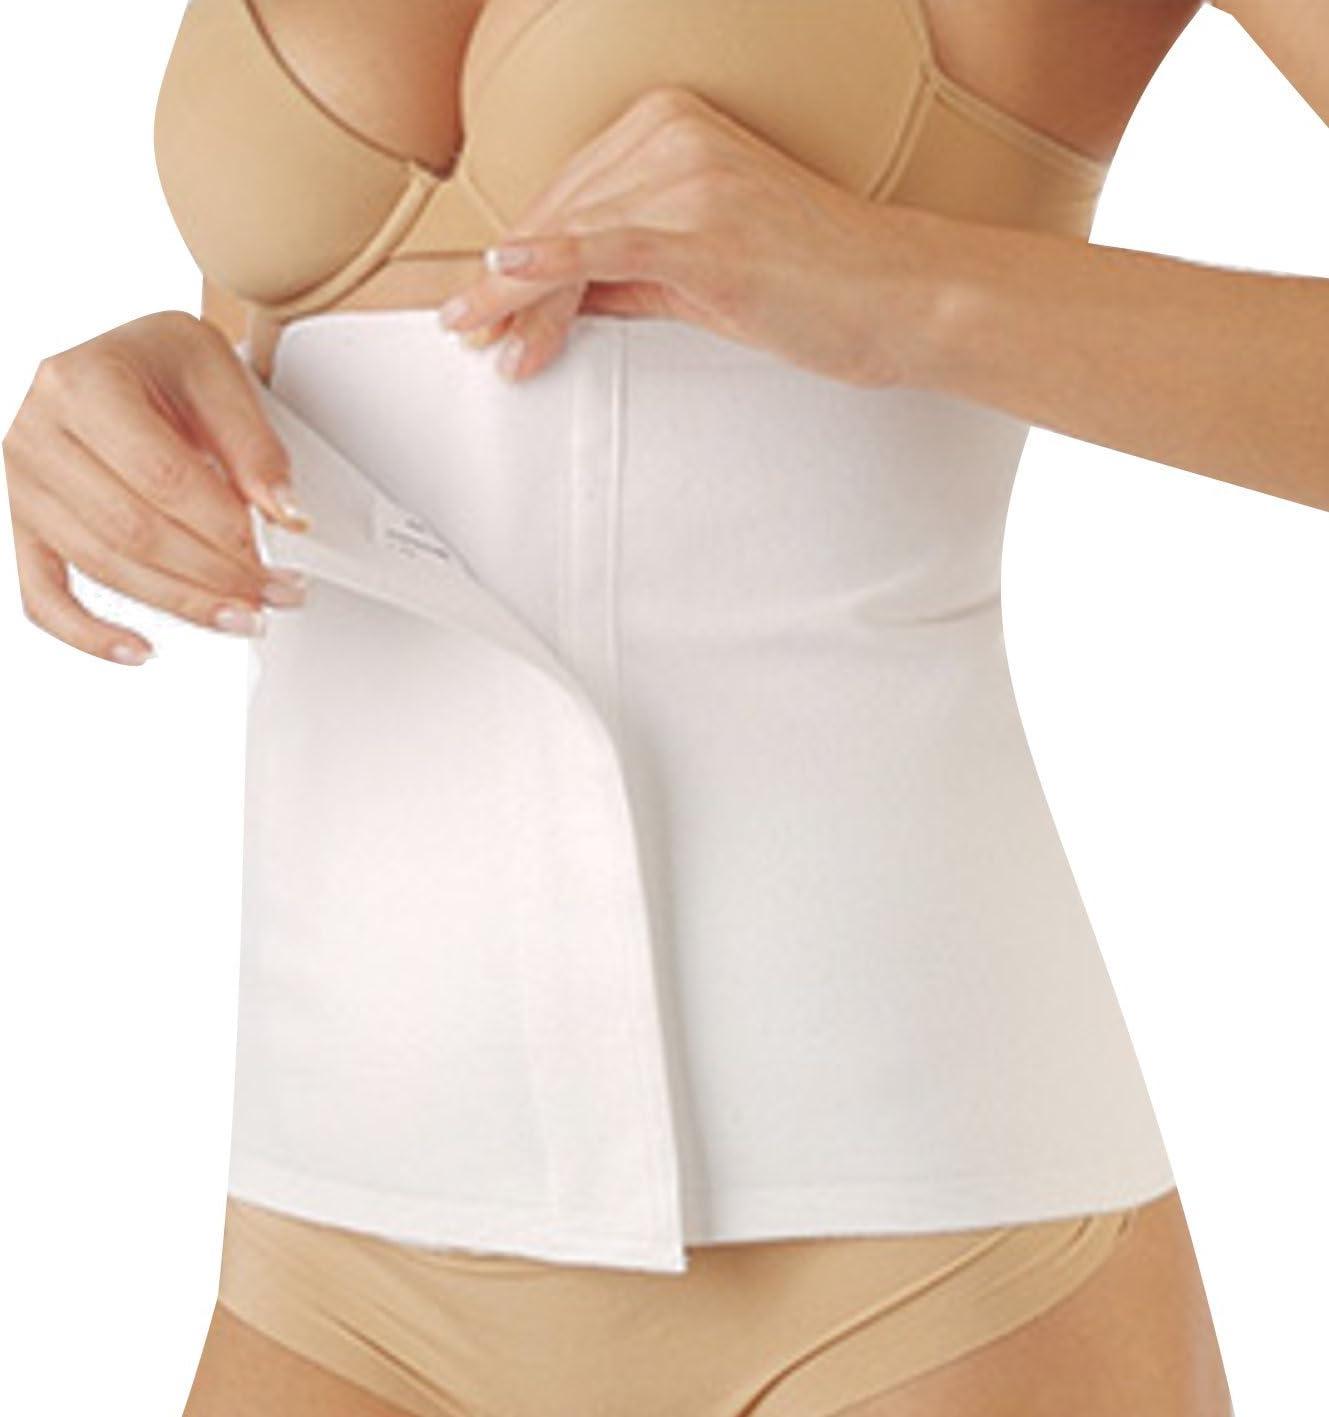 Faja elástica contenitiva unisex para hombre y mujer, banda postoperatoria y postparto, cinturón térmico de algodón para protección abdominal y lumbar, ajustable y cierre de velcro – (blanco, 1/XS)